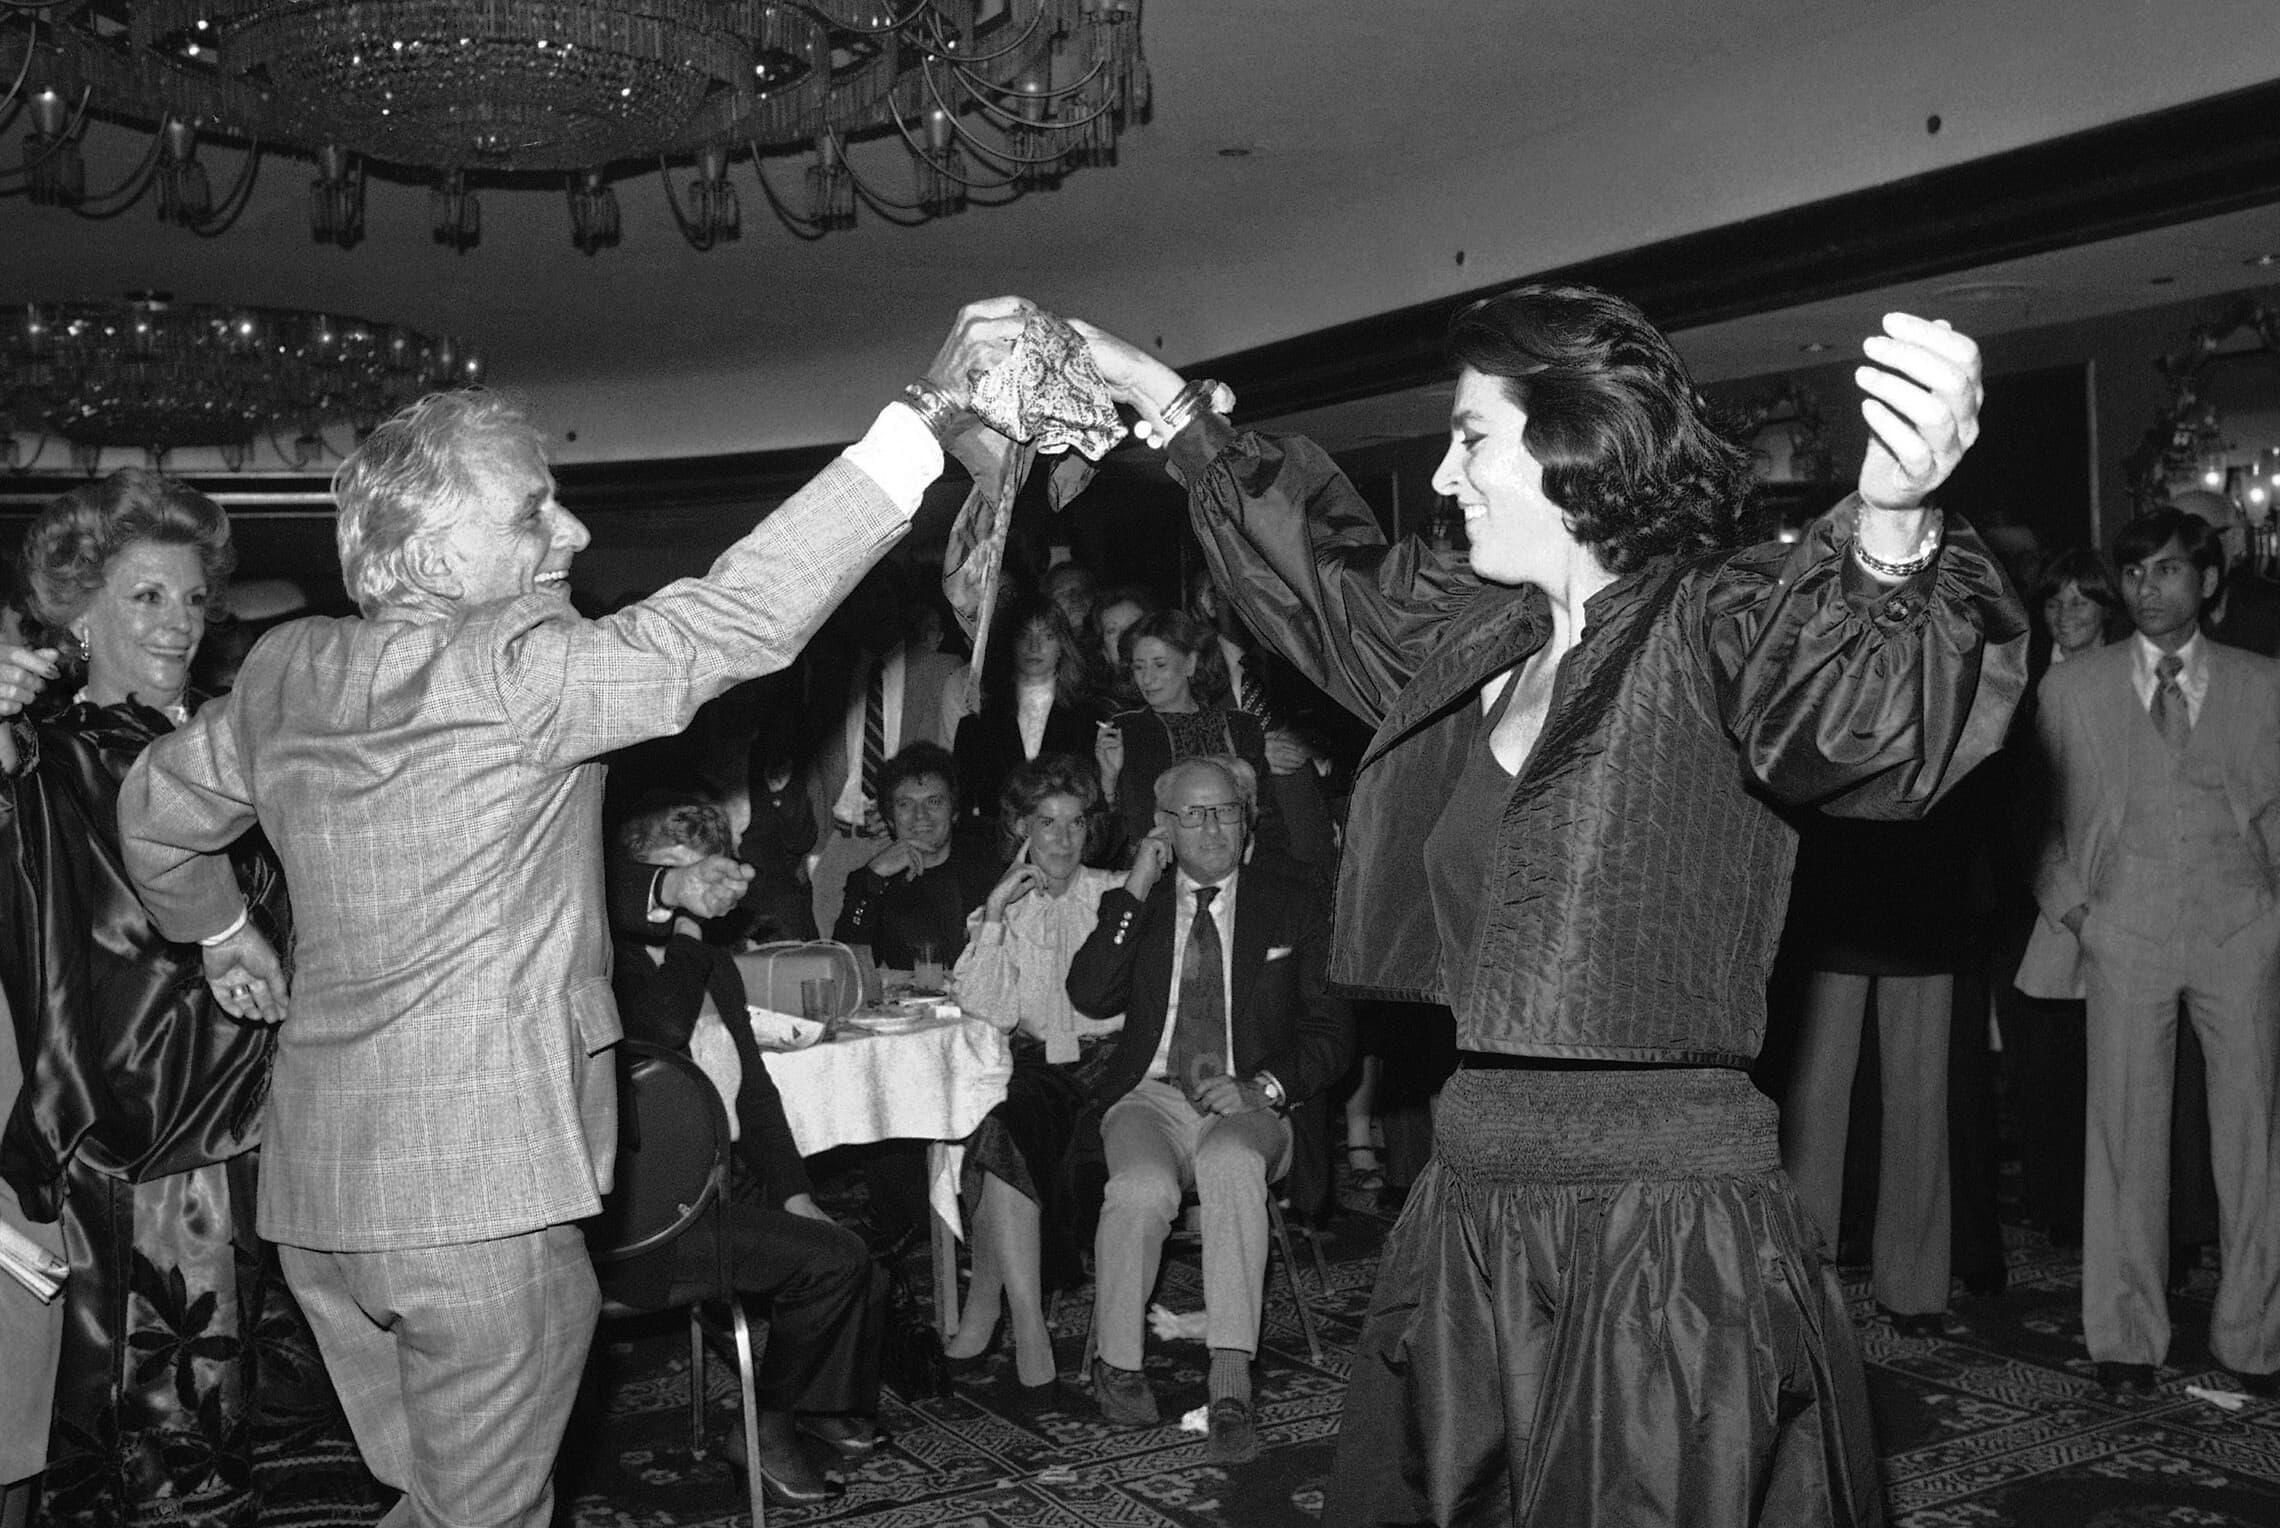 לאונרד ברנשטיין רוקד עם השחקנית איירין פאפאס, 1980 (צילום: AP Photo/Richter)